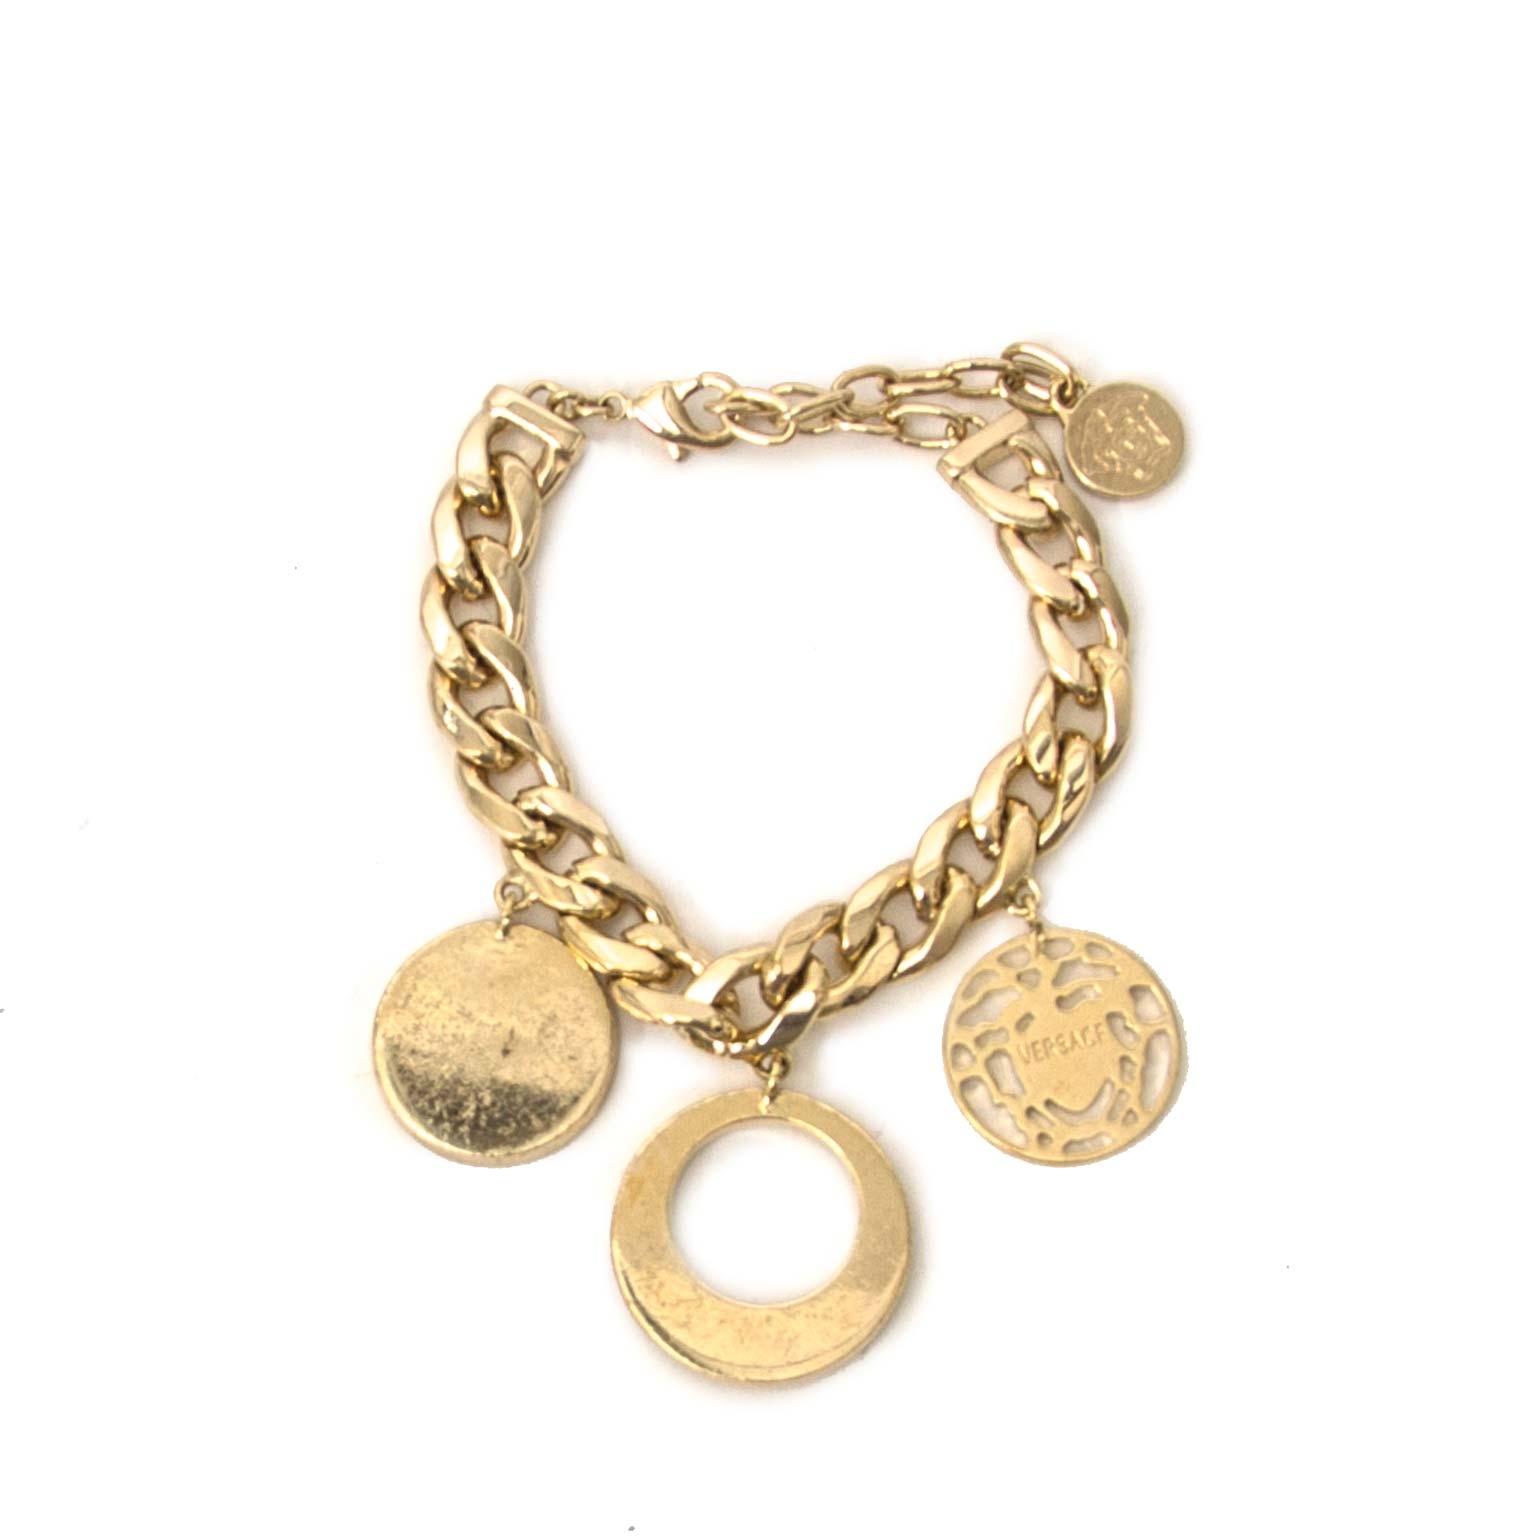 acheter en ligne sconde main Versace Gold Tone Pendant Necklace